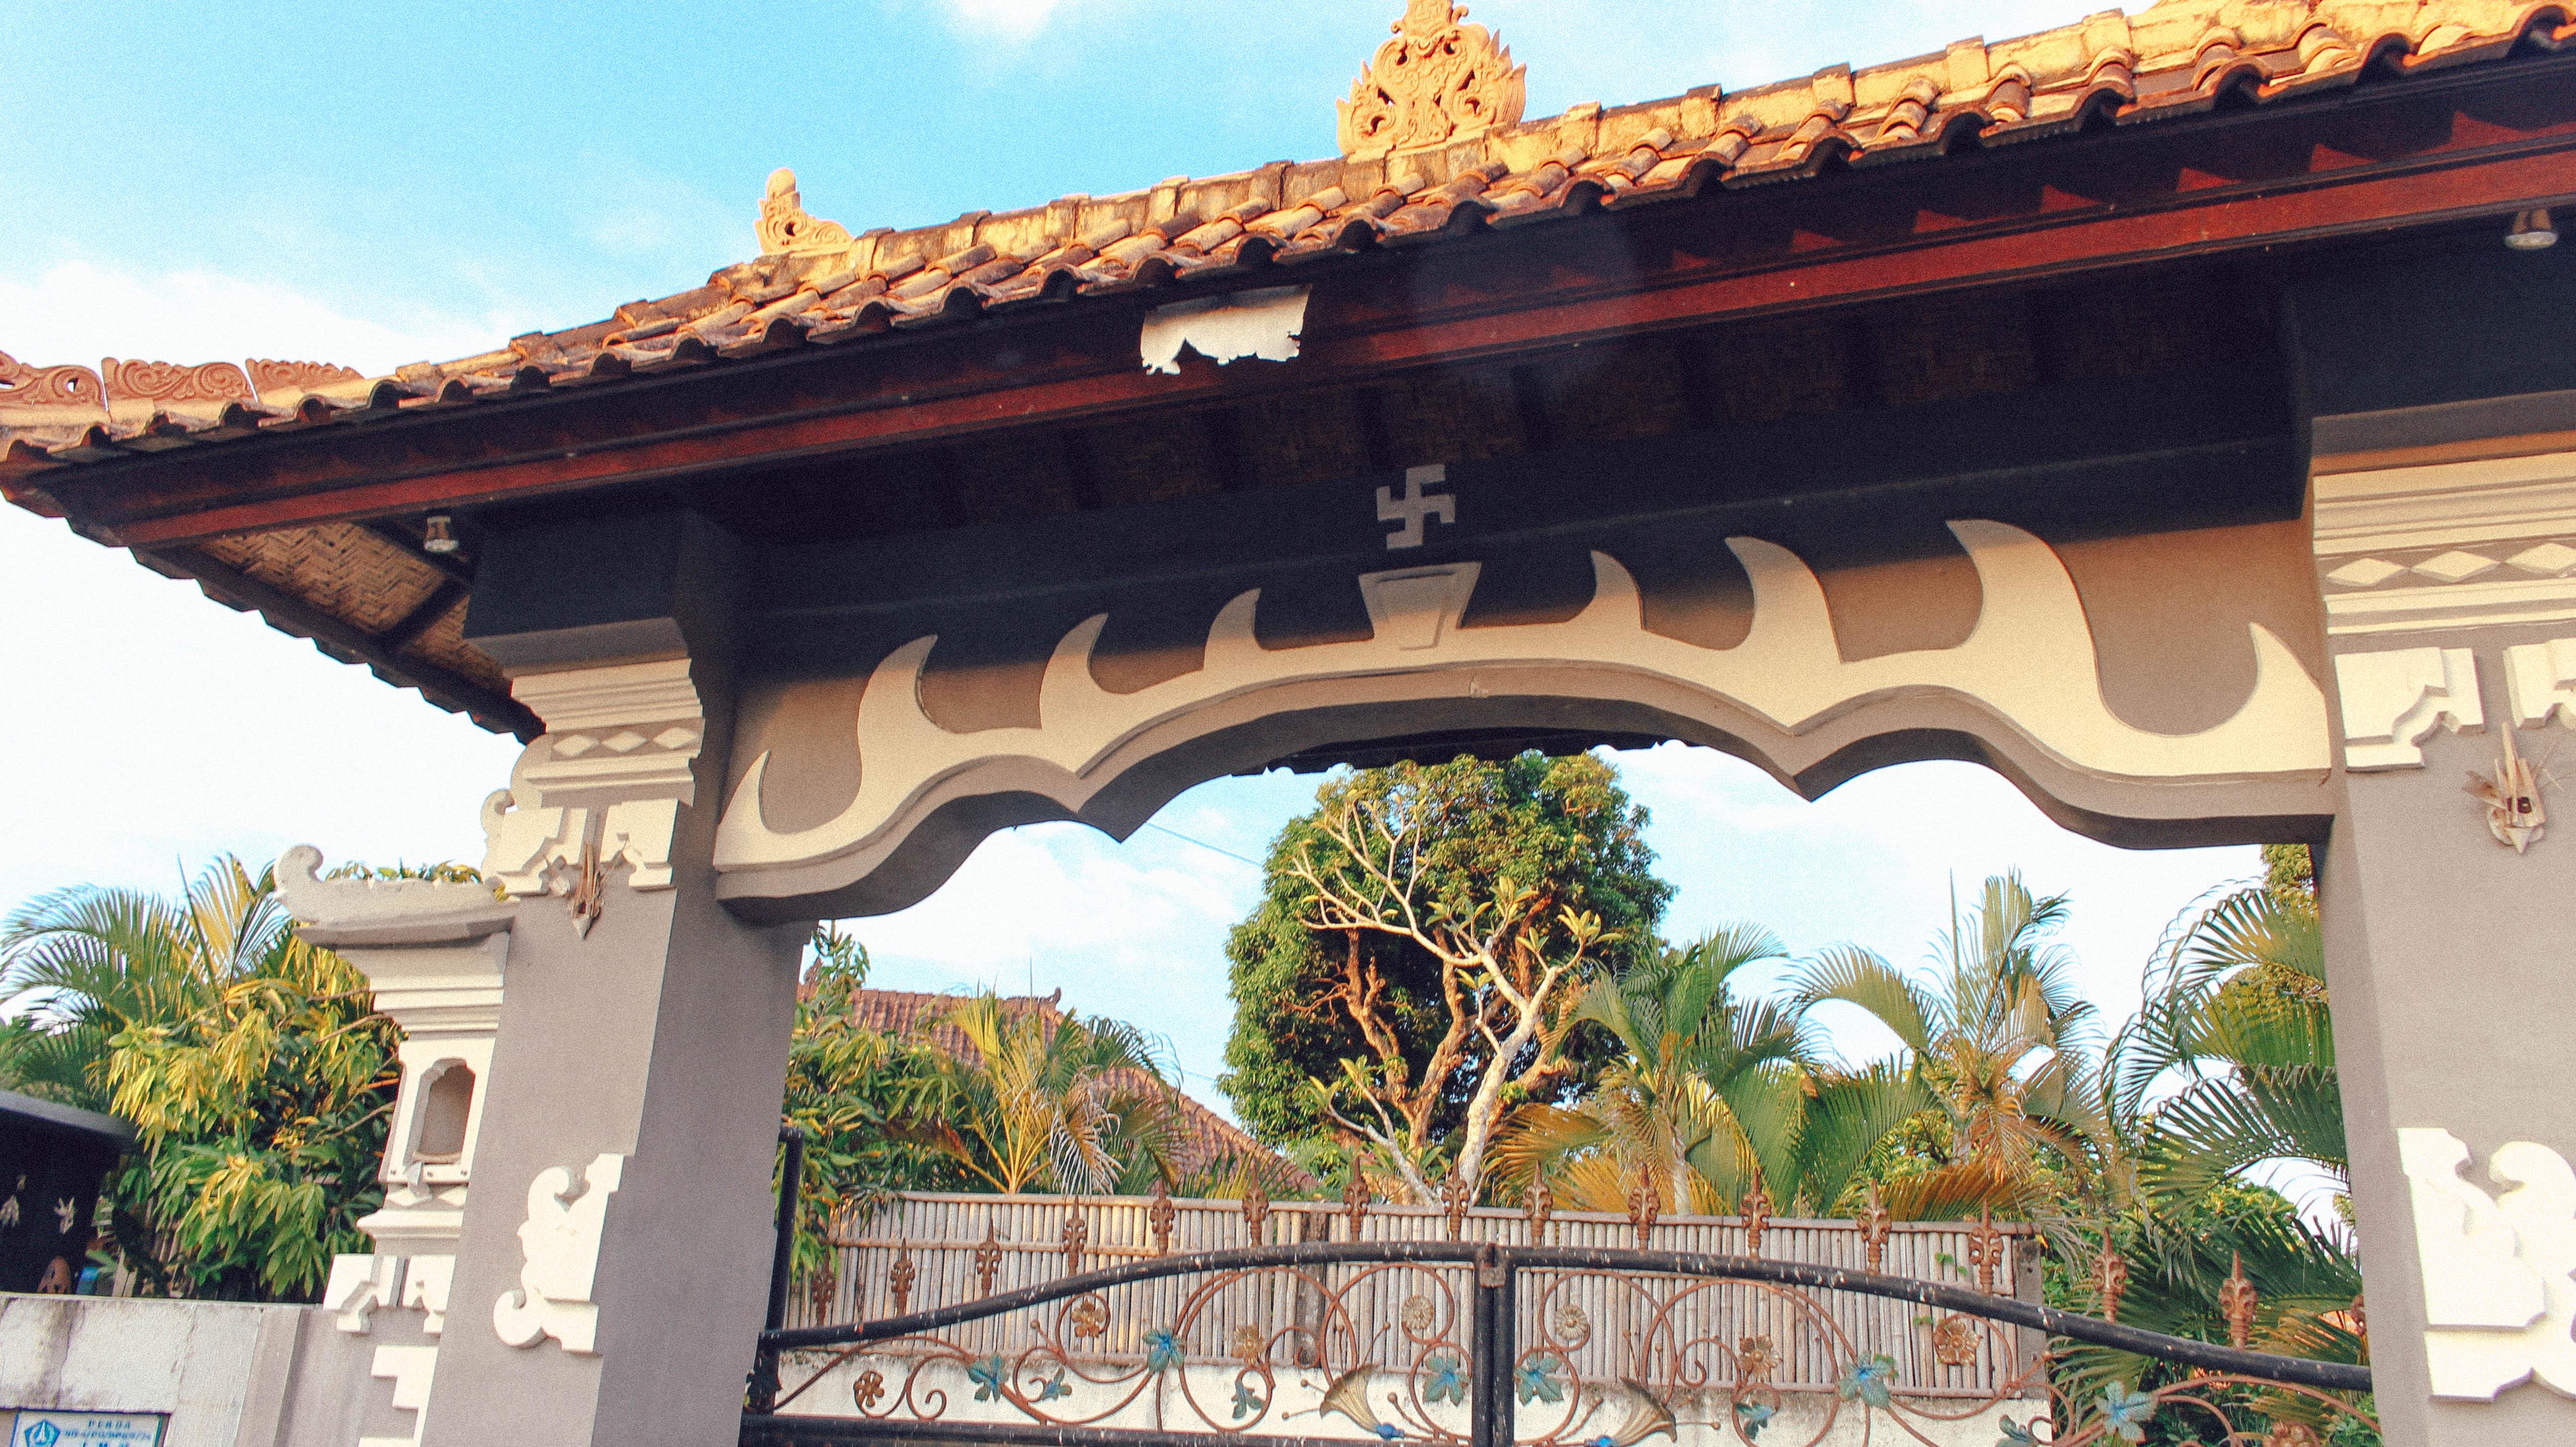 Canggu Bali Travel Guide by Noni May-78